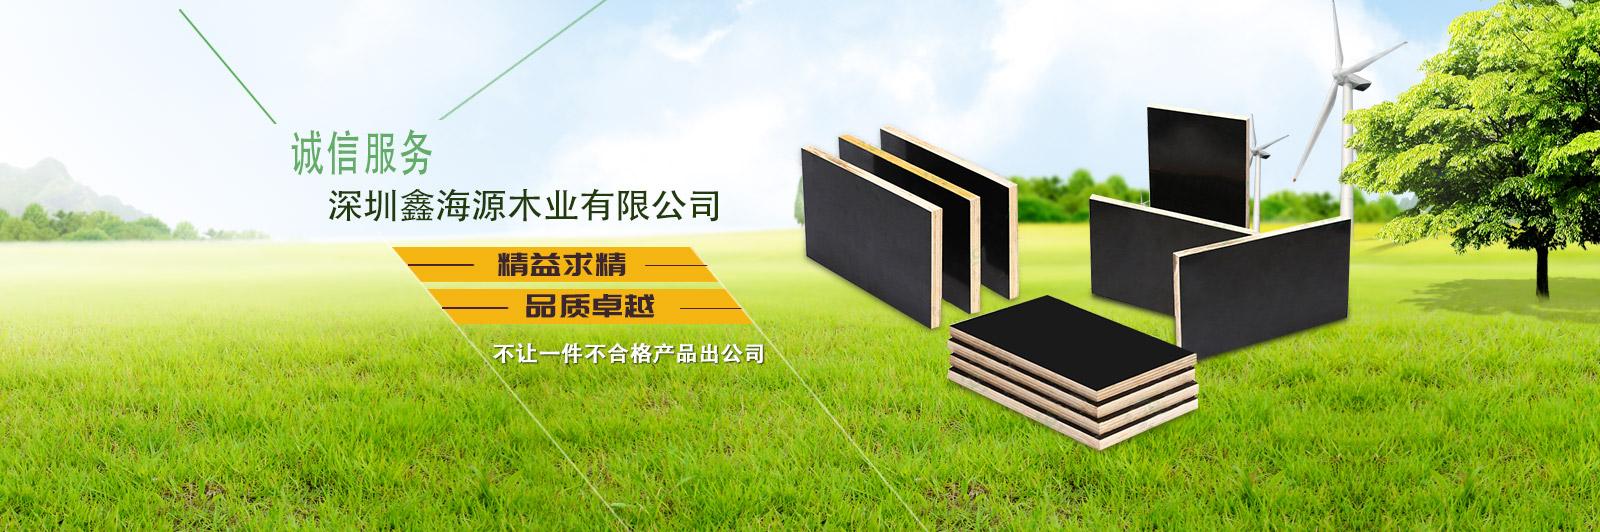 深圳鑫海源木业有限公司